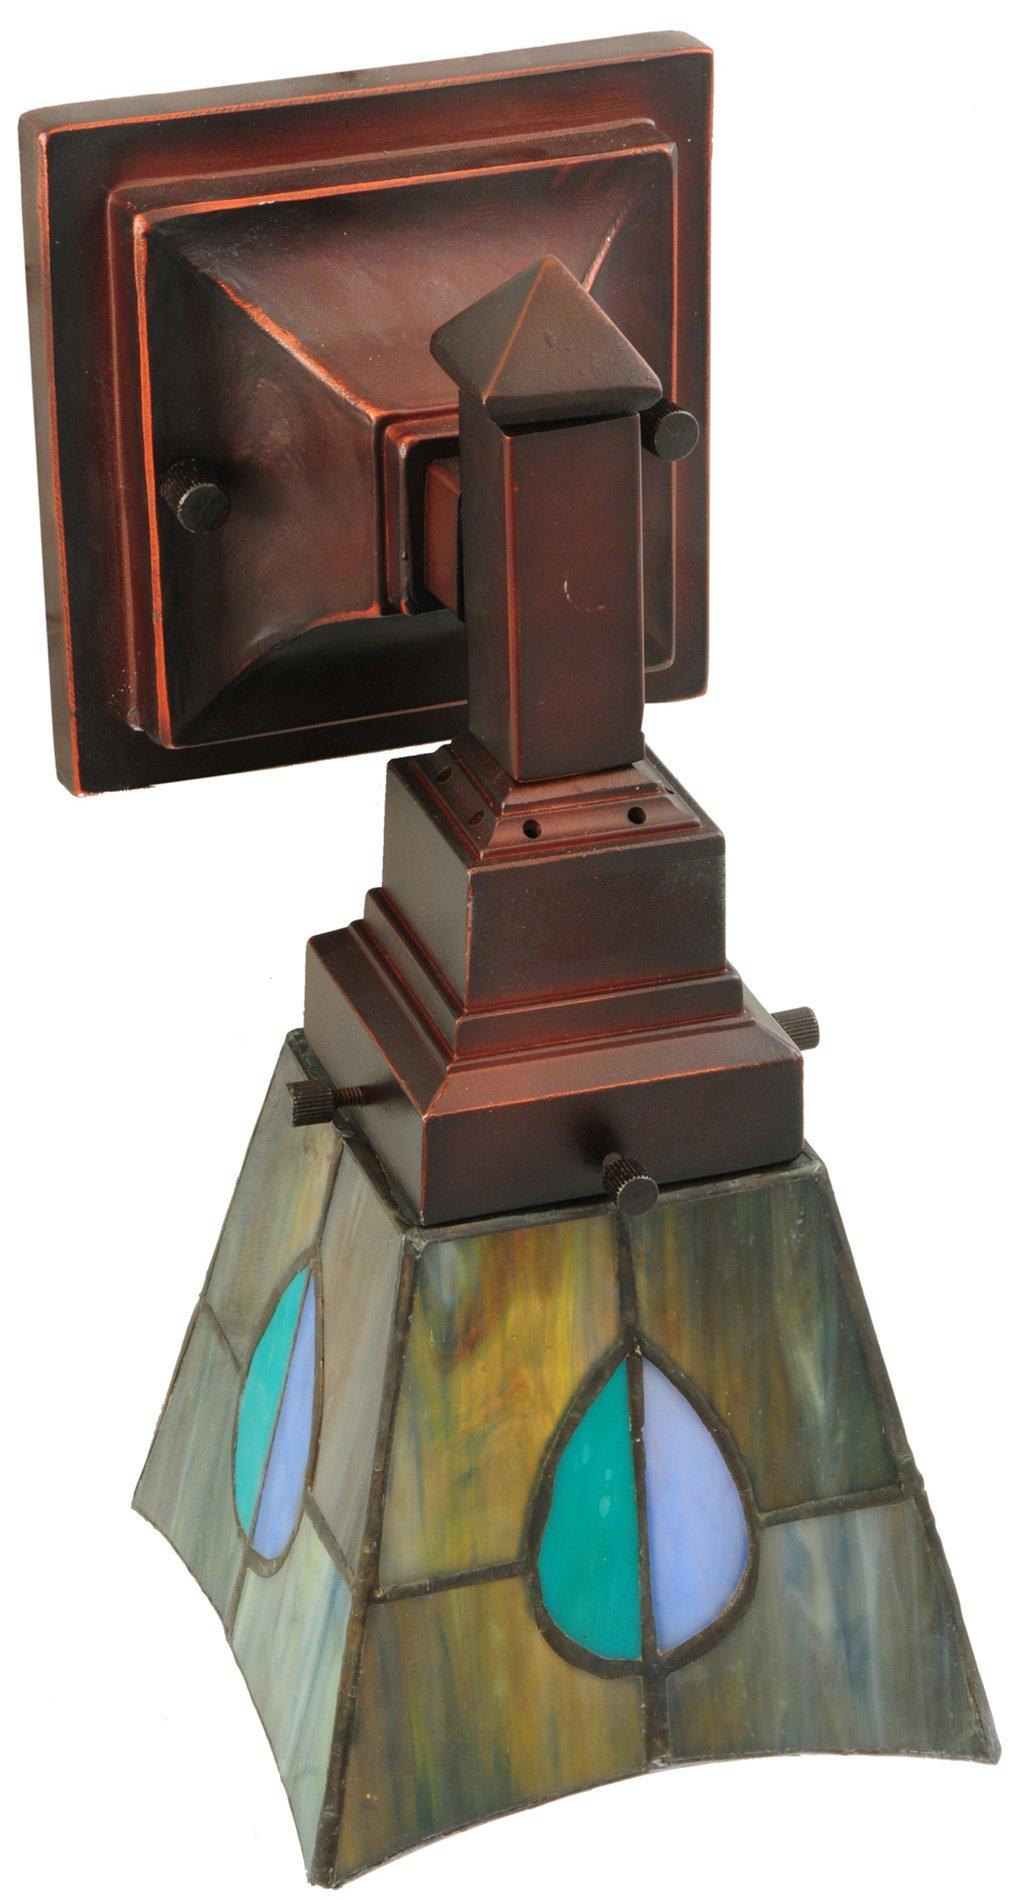 Meyda Tiffany 31229 Mackintosh Leaf Tiffany Transitional